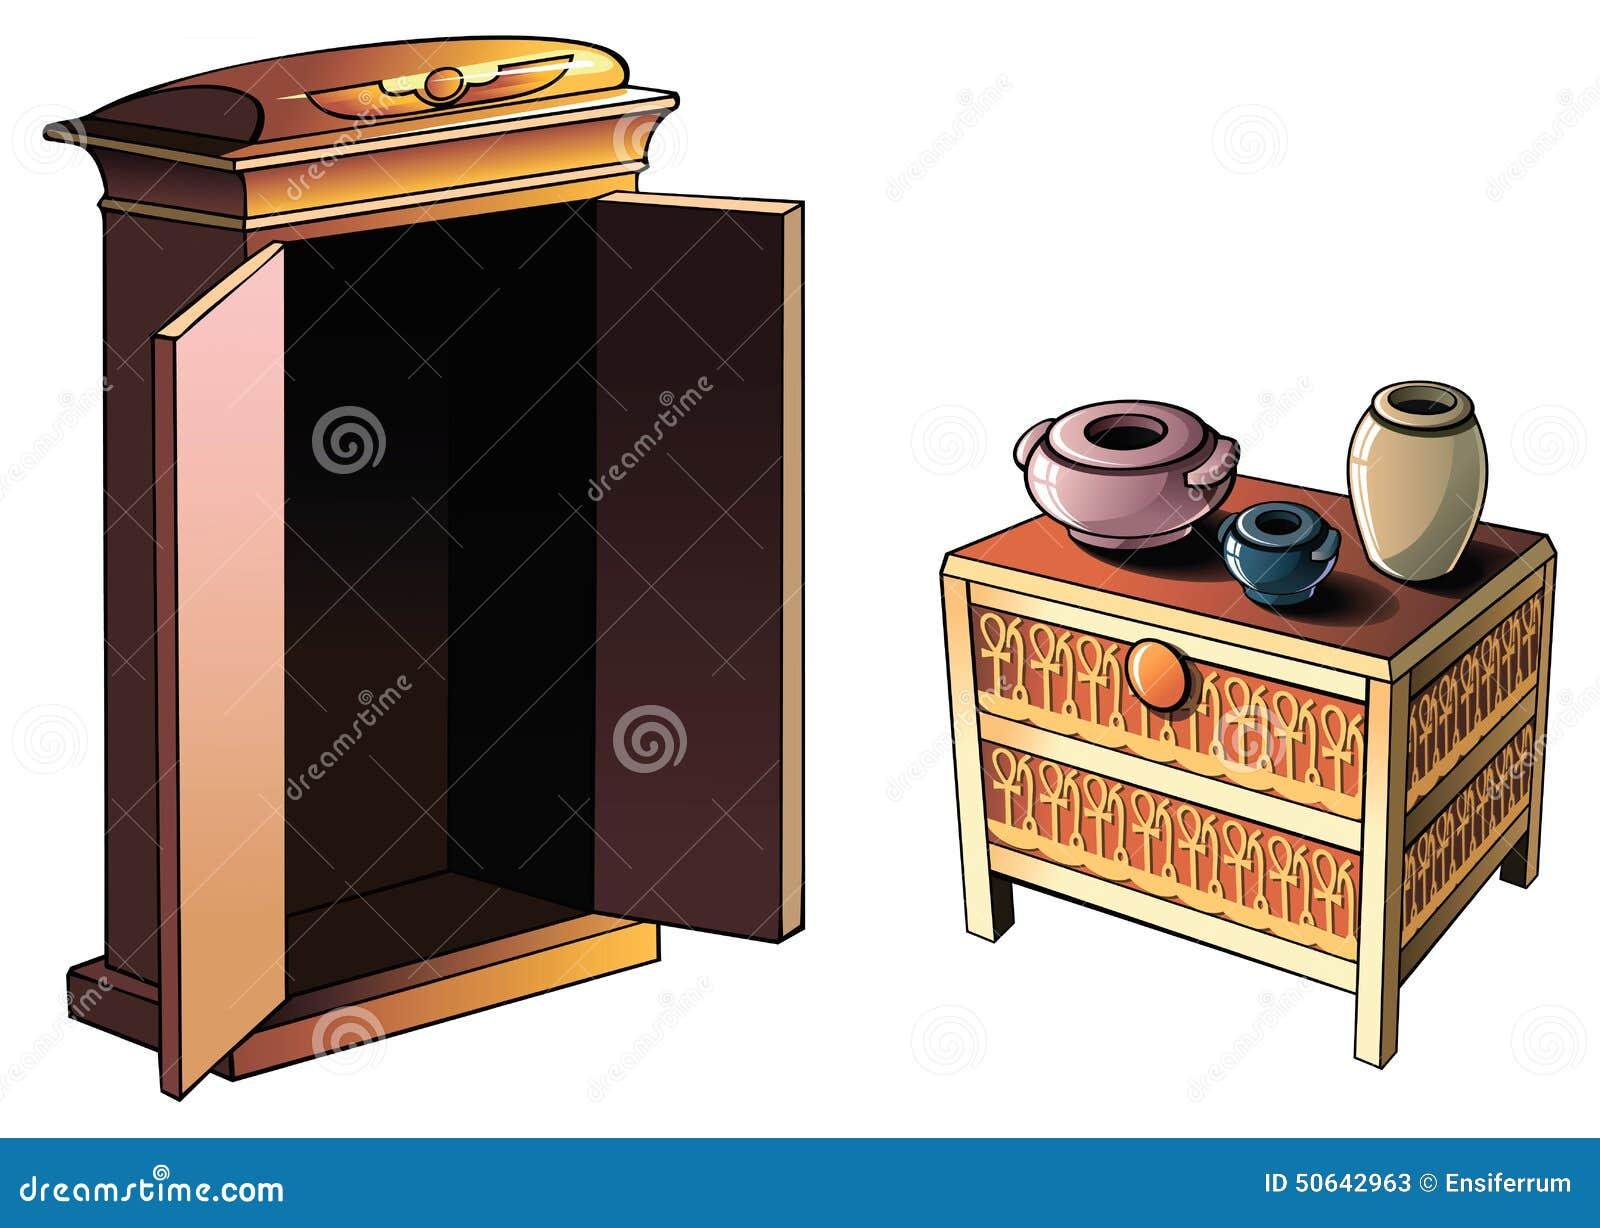 Muebles Egipcios - Muebles Egipcios Ilustraci N Del Vector Ilustraci N De Arcilla [mjhdah]https://s-media-cache-ak0.pinimg.com/originals/c1/77/d2/c177d2f4acfc69ab43c580701472325e.jpg